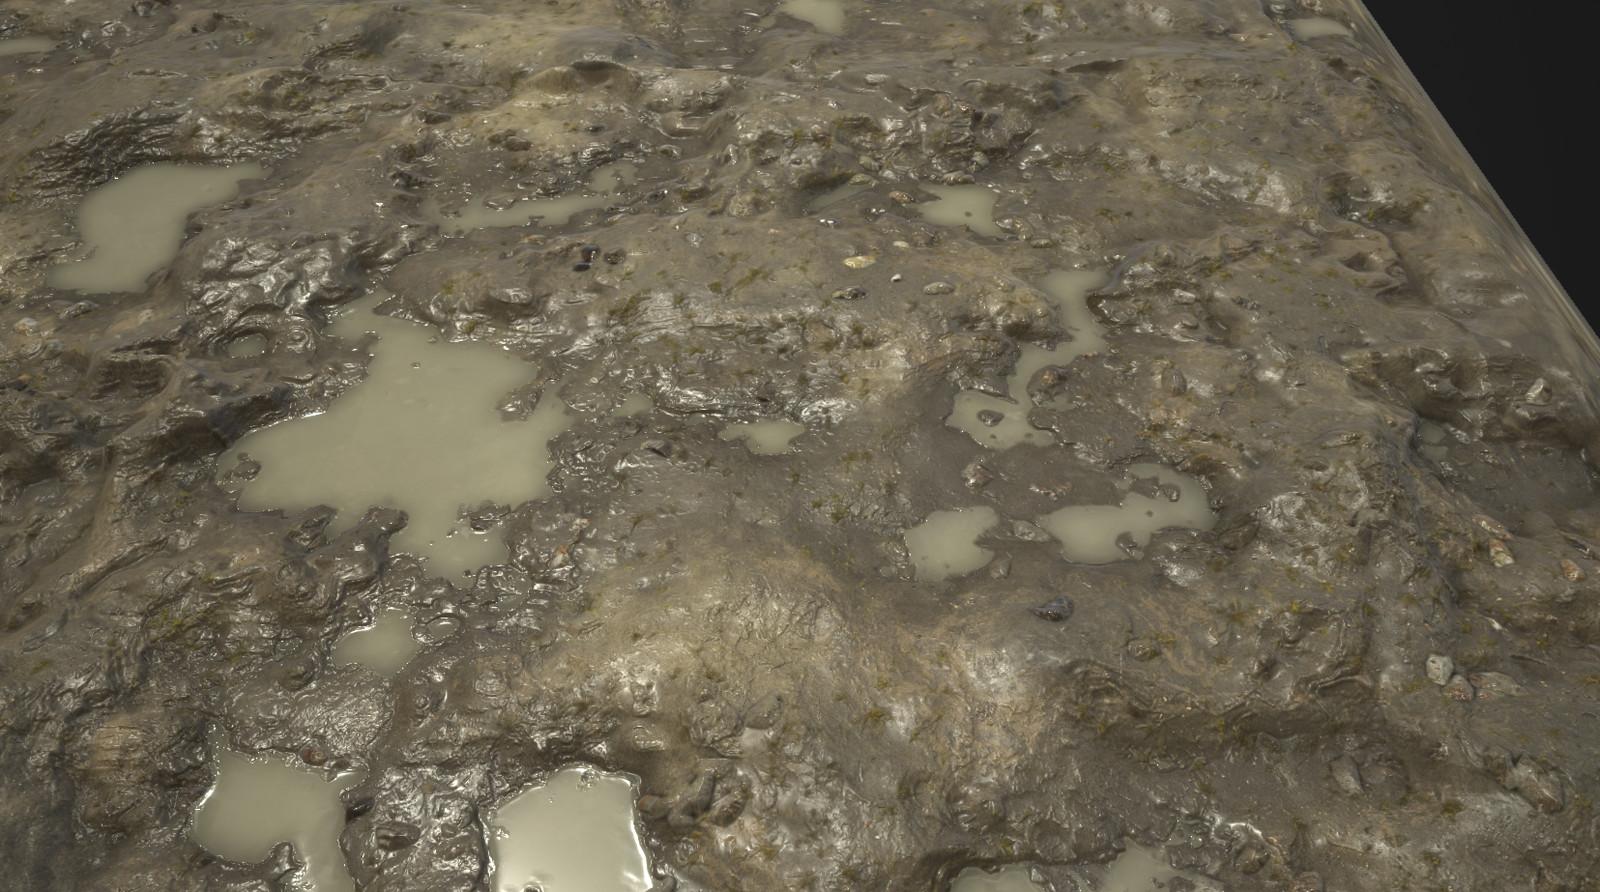 Substance_Designer - 100% procedural Muddy Ground